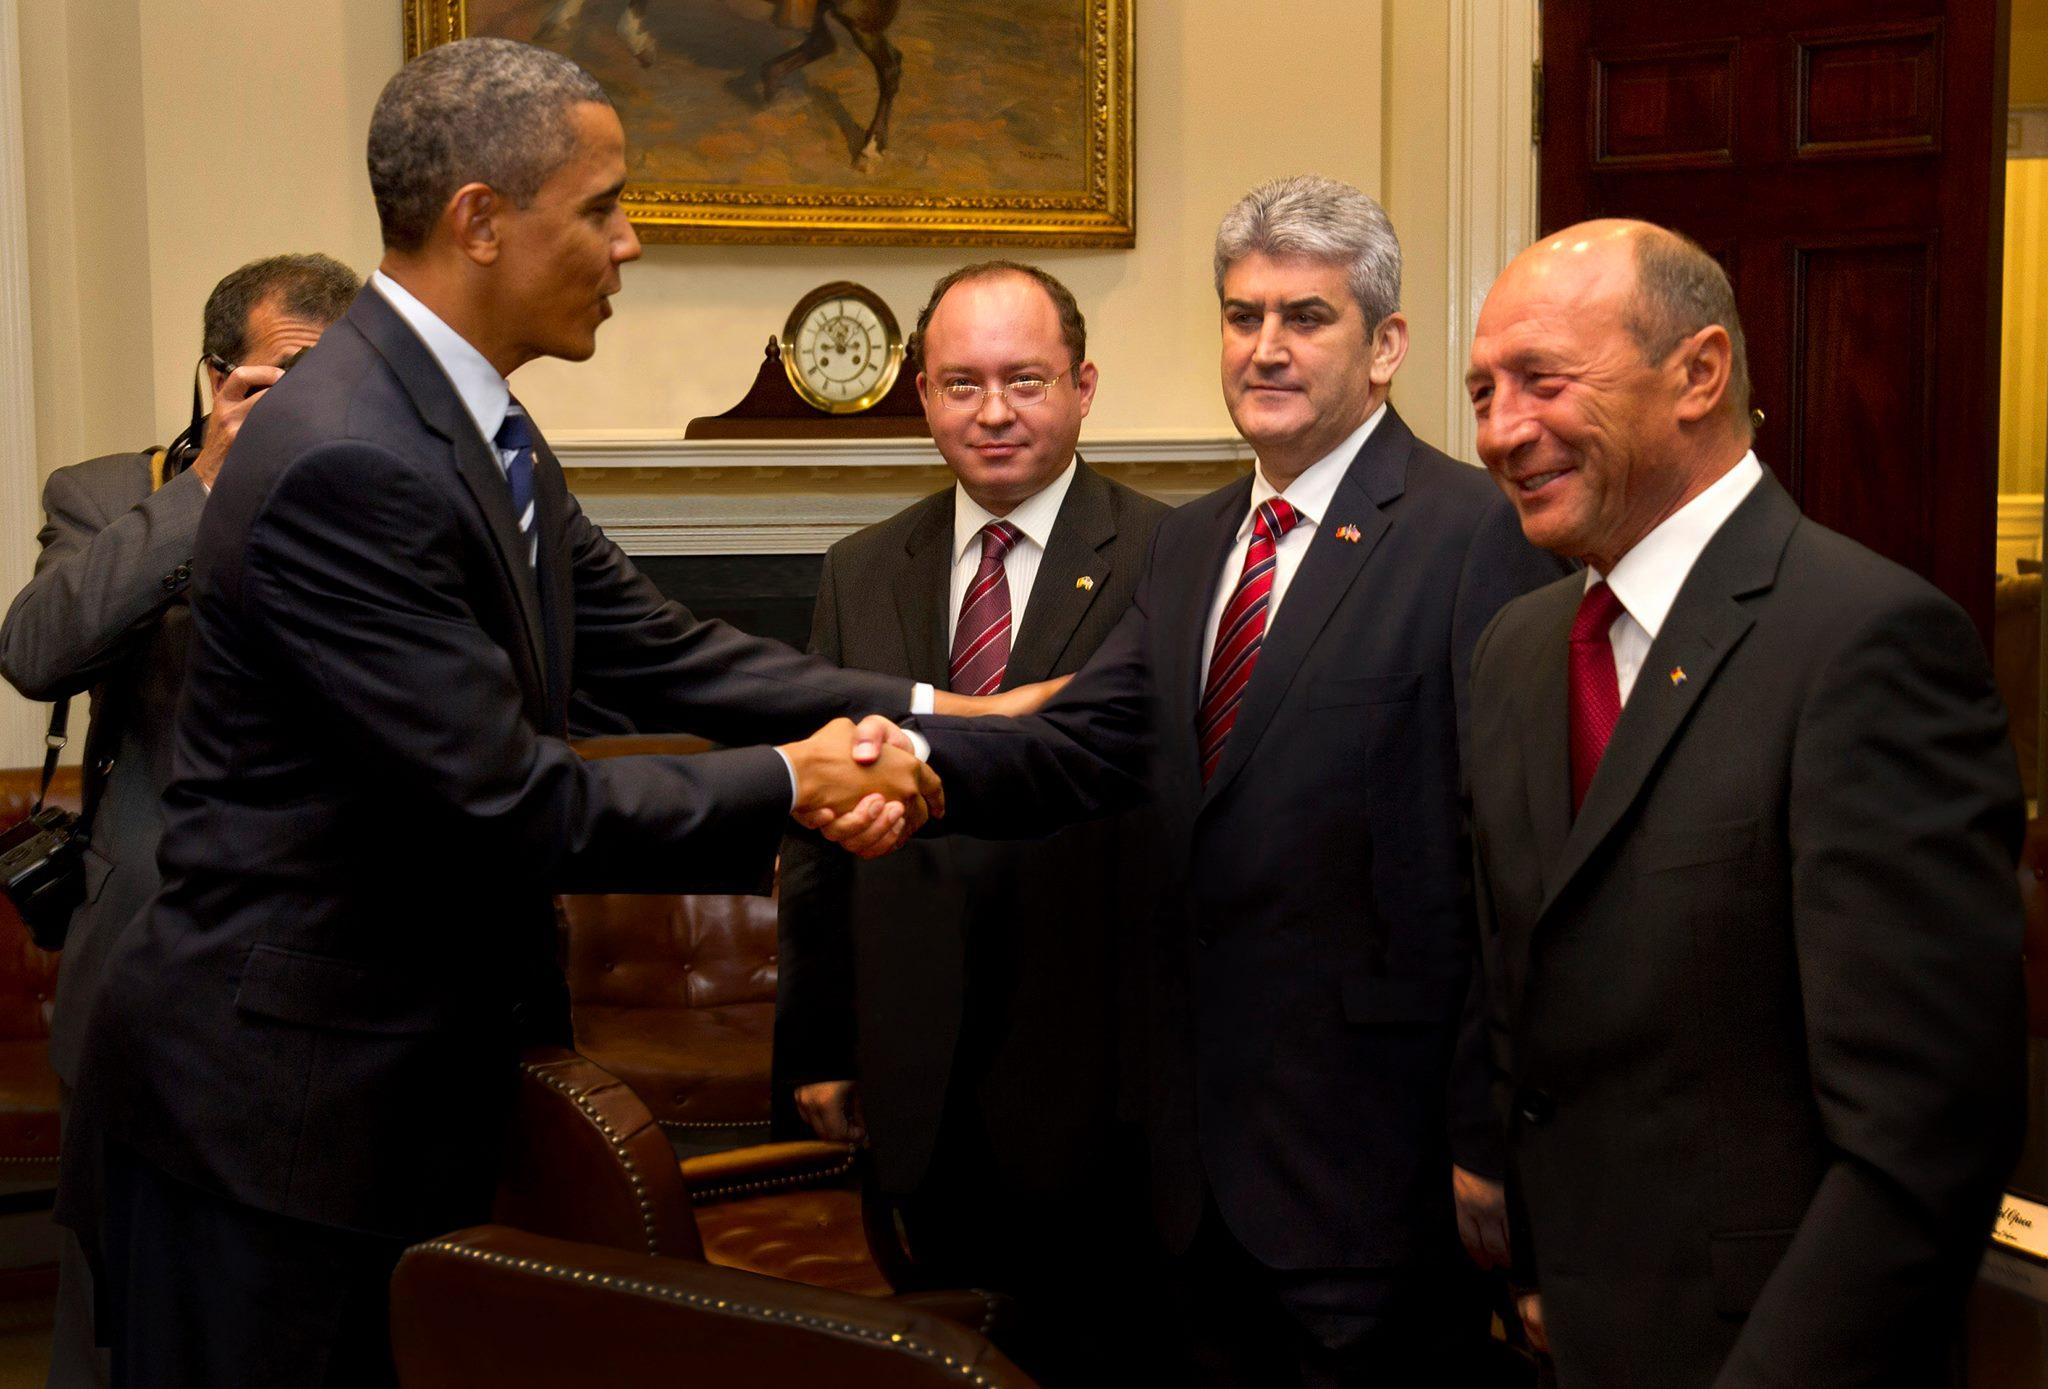 Az egykori román miniszterelnök-helyettes hamisított egy fotót, amin épp kezet fog Obamával